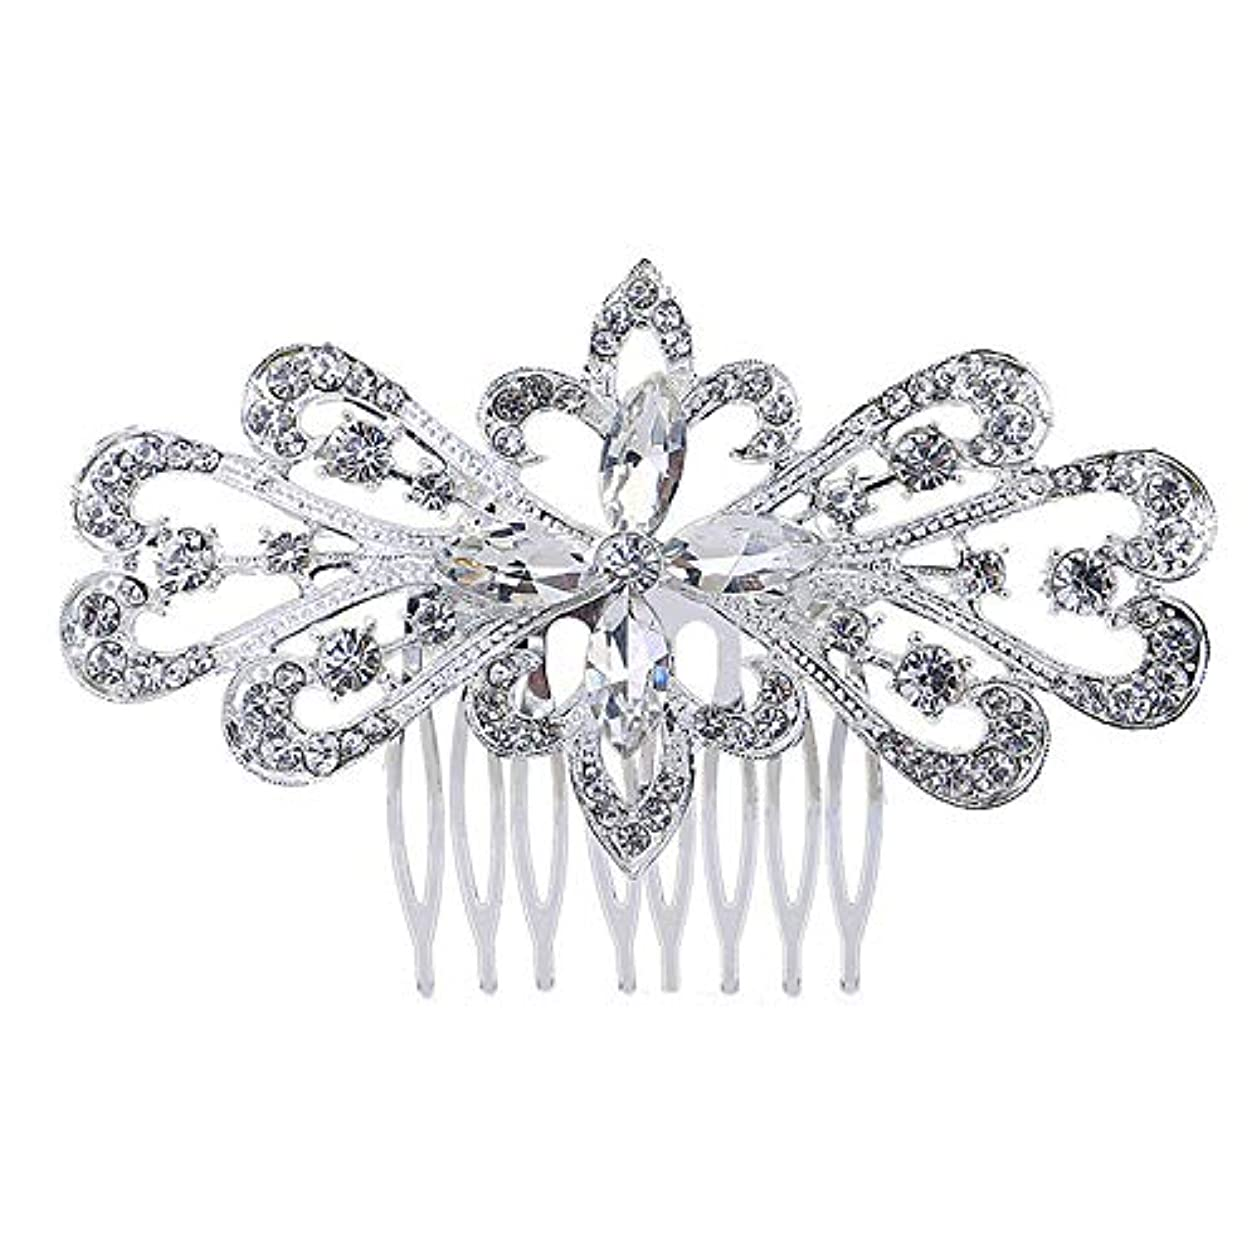 嫌悪すり結び目髪の櫛の櫛の櫛の花嫁の髪の櫛の花の髪の櫛のラインストーンの挿入物の櫛の合金の帽子の結婚式のアクセサリー